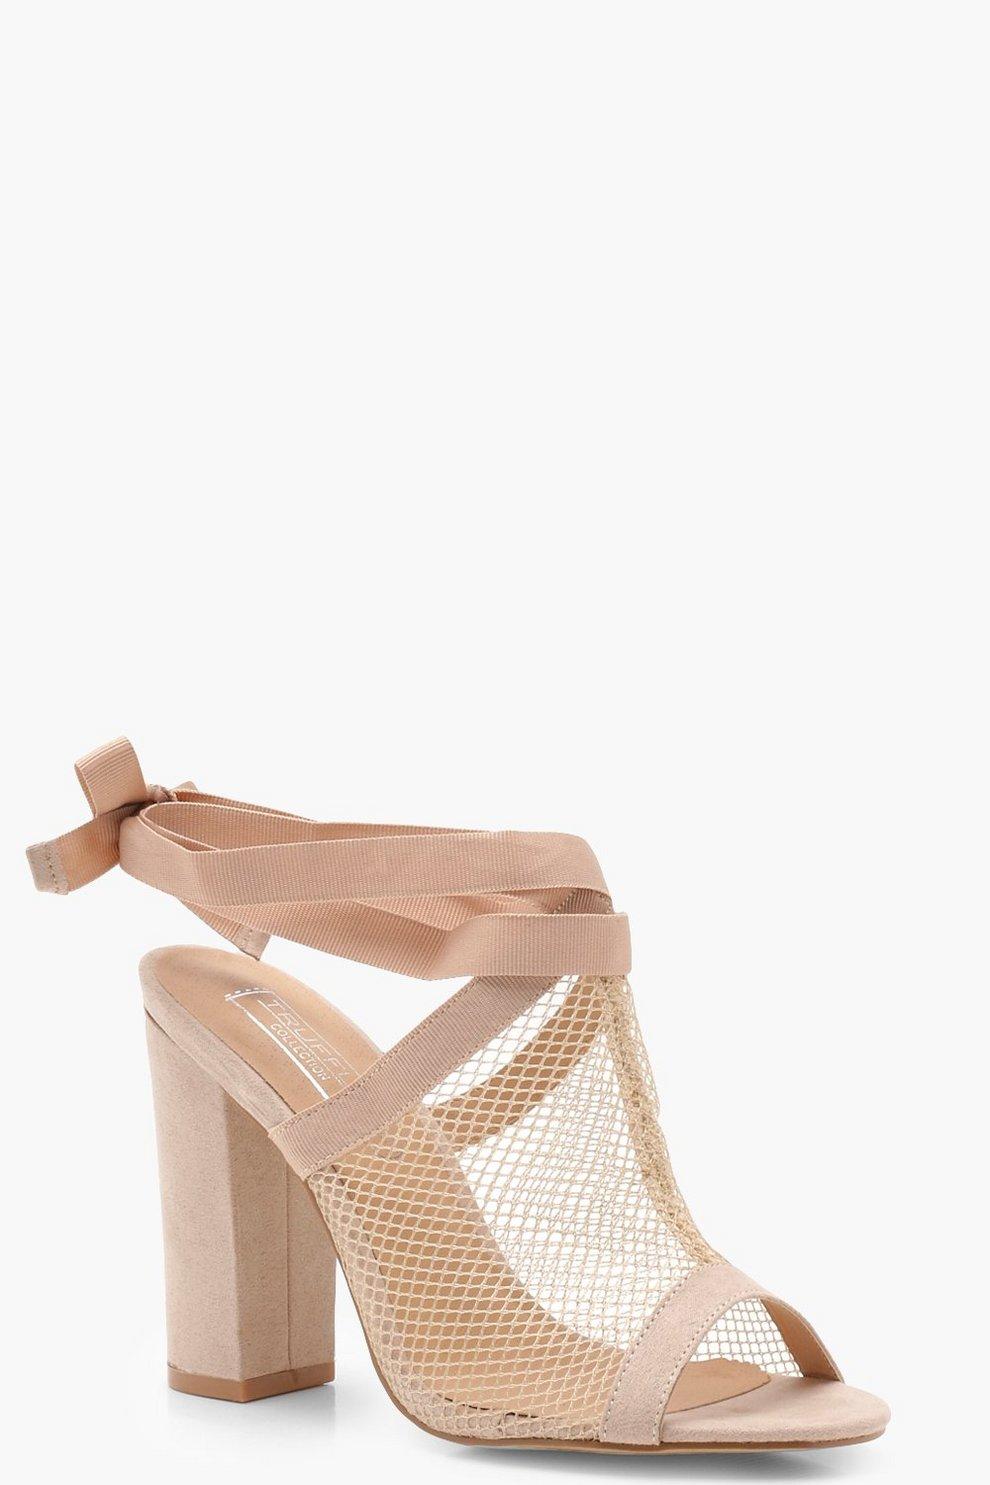 Venta Comercial Hannah sandali con cinghiette e gabbia a rete boohoo beige Floreale Amazon Descuento Descuento 2018 kOs6e